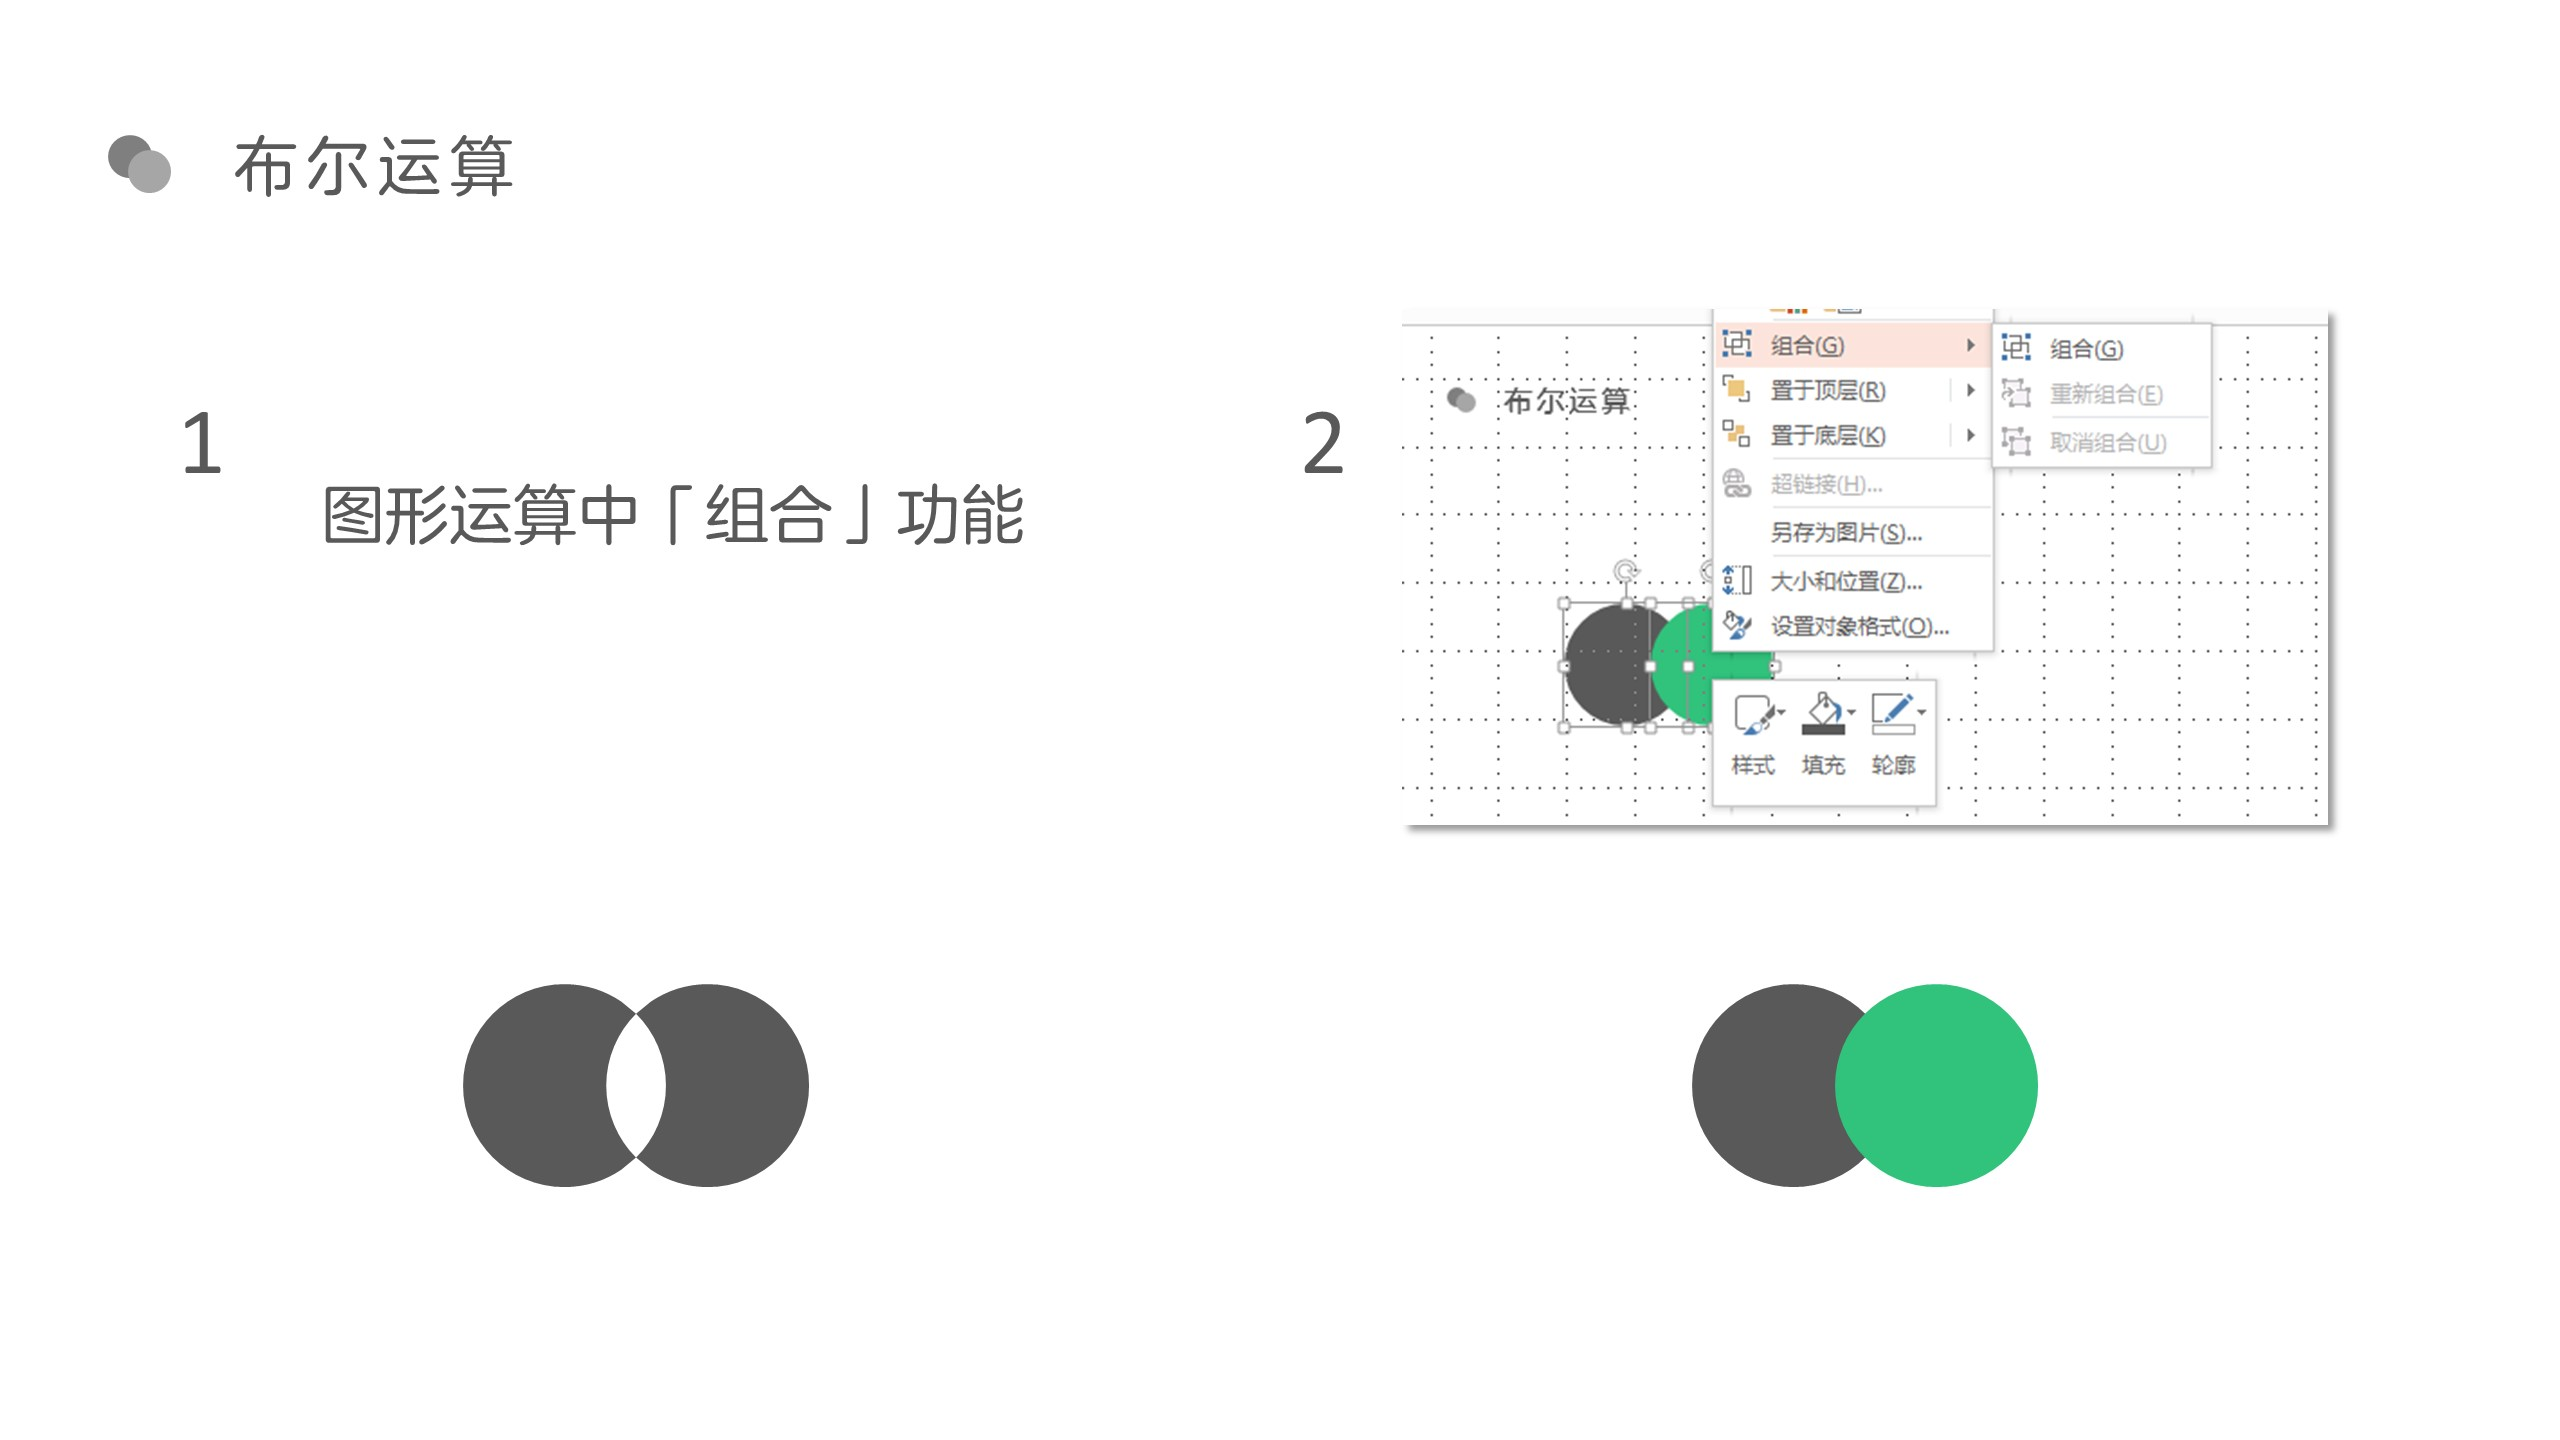 幻灯片中的布尔运算-6